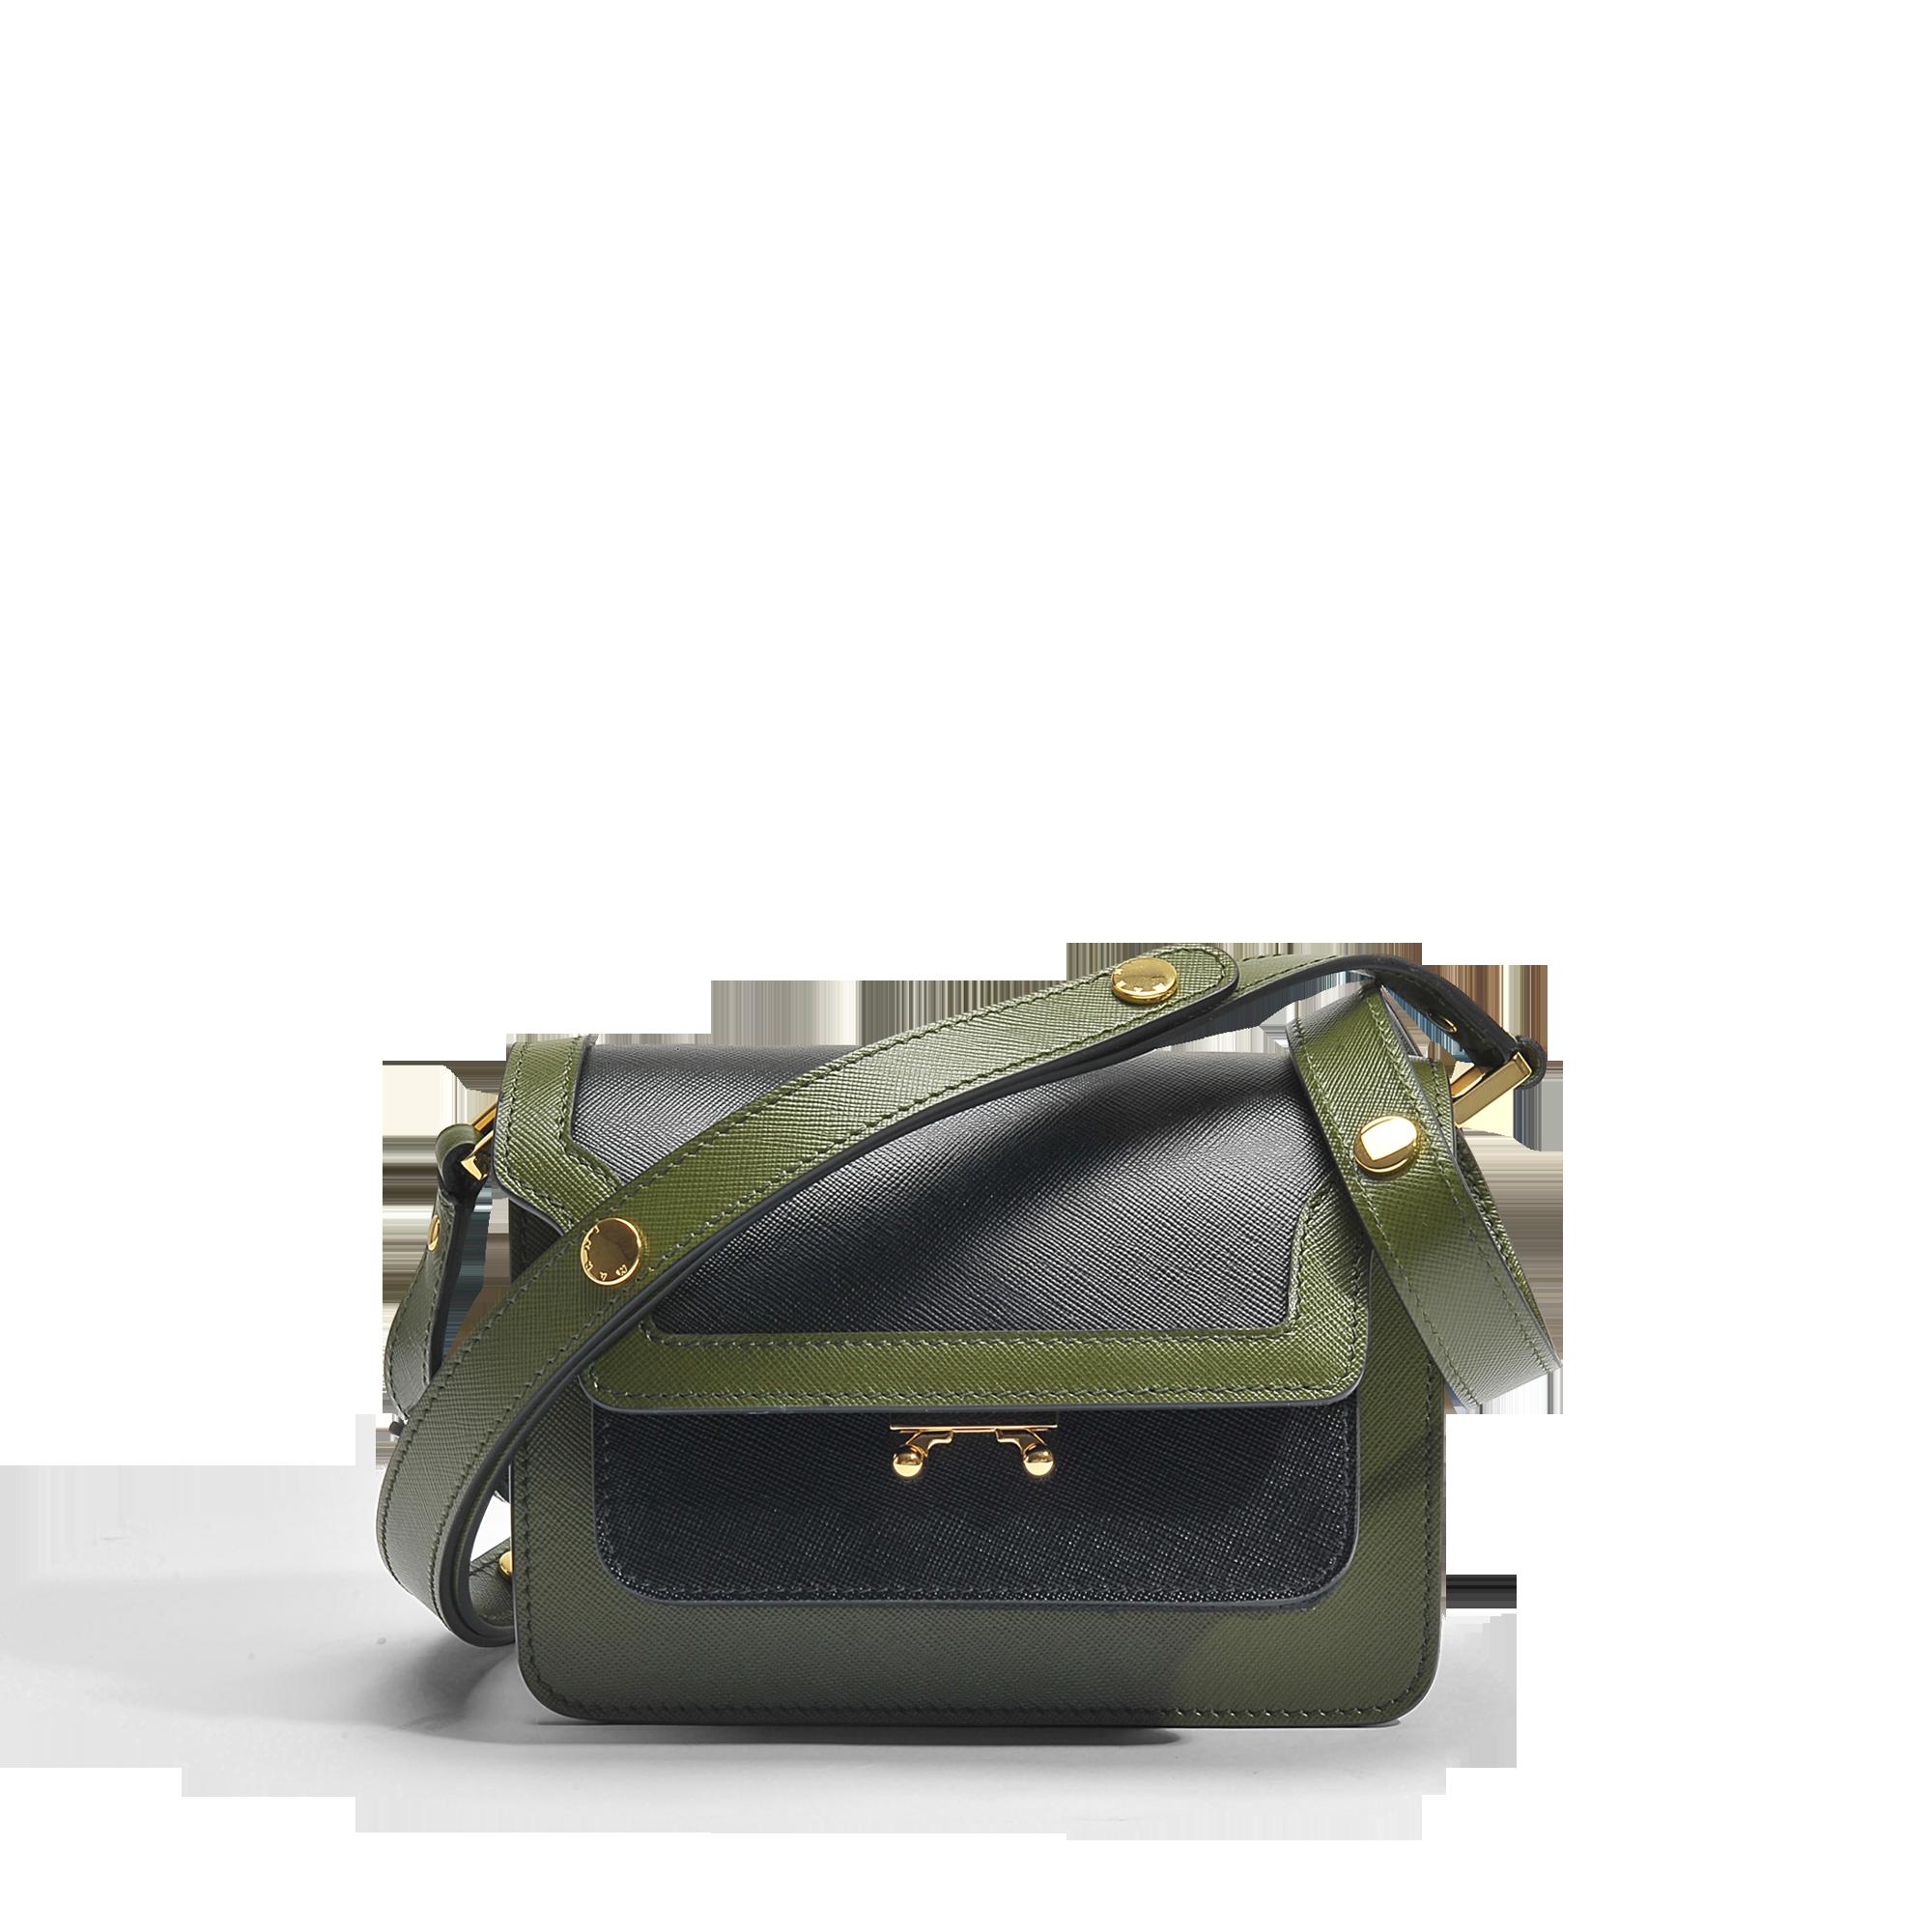 Marni Mini Trunk Bag in Black and Olive Green Saffiano Leather Outlet Prijzen Gratis Verzending Best Groothandel Kopen Goedkope 2018 aarFaZaEI